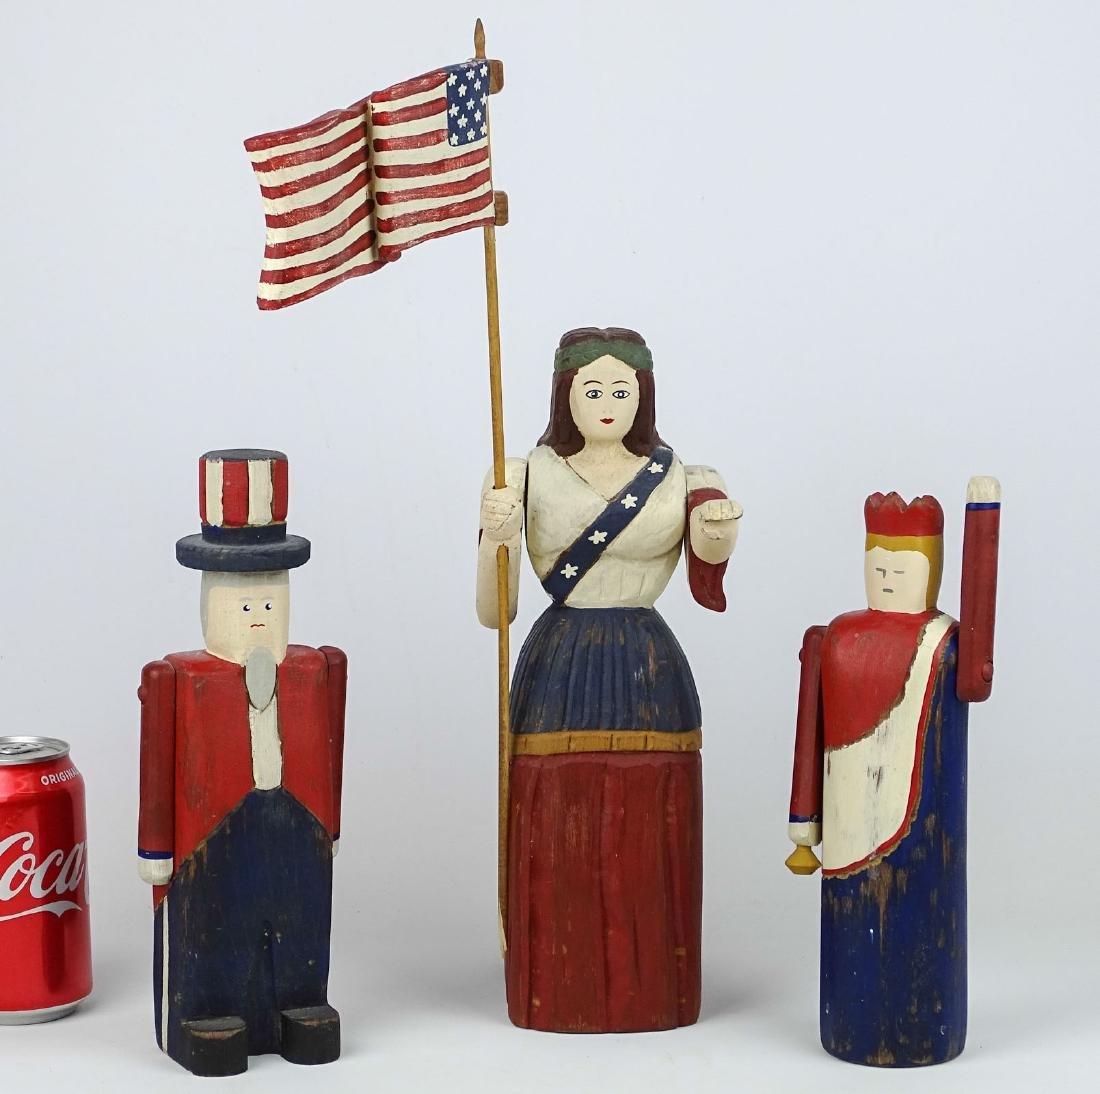 Patriotic Carvings